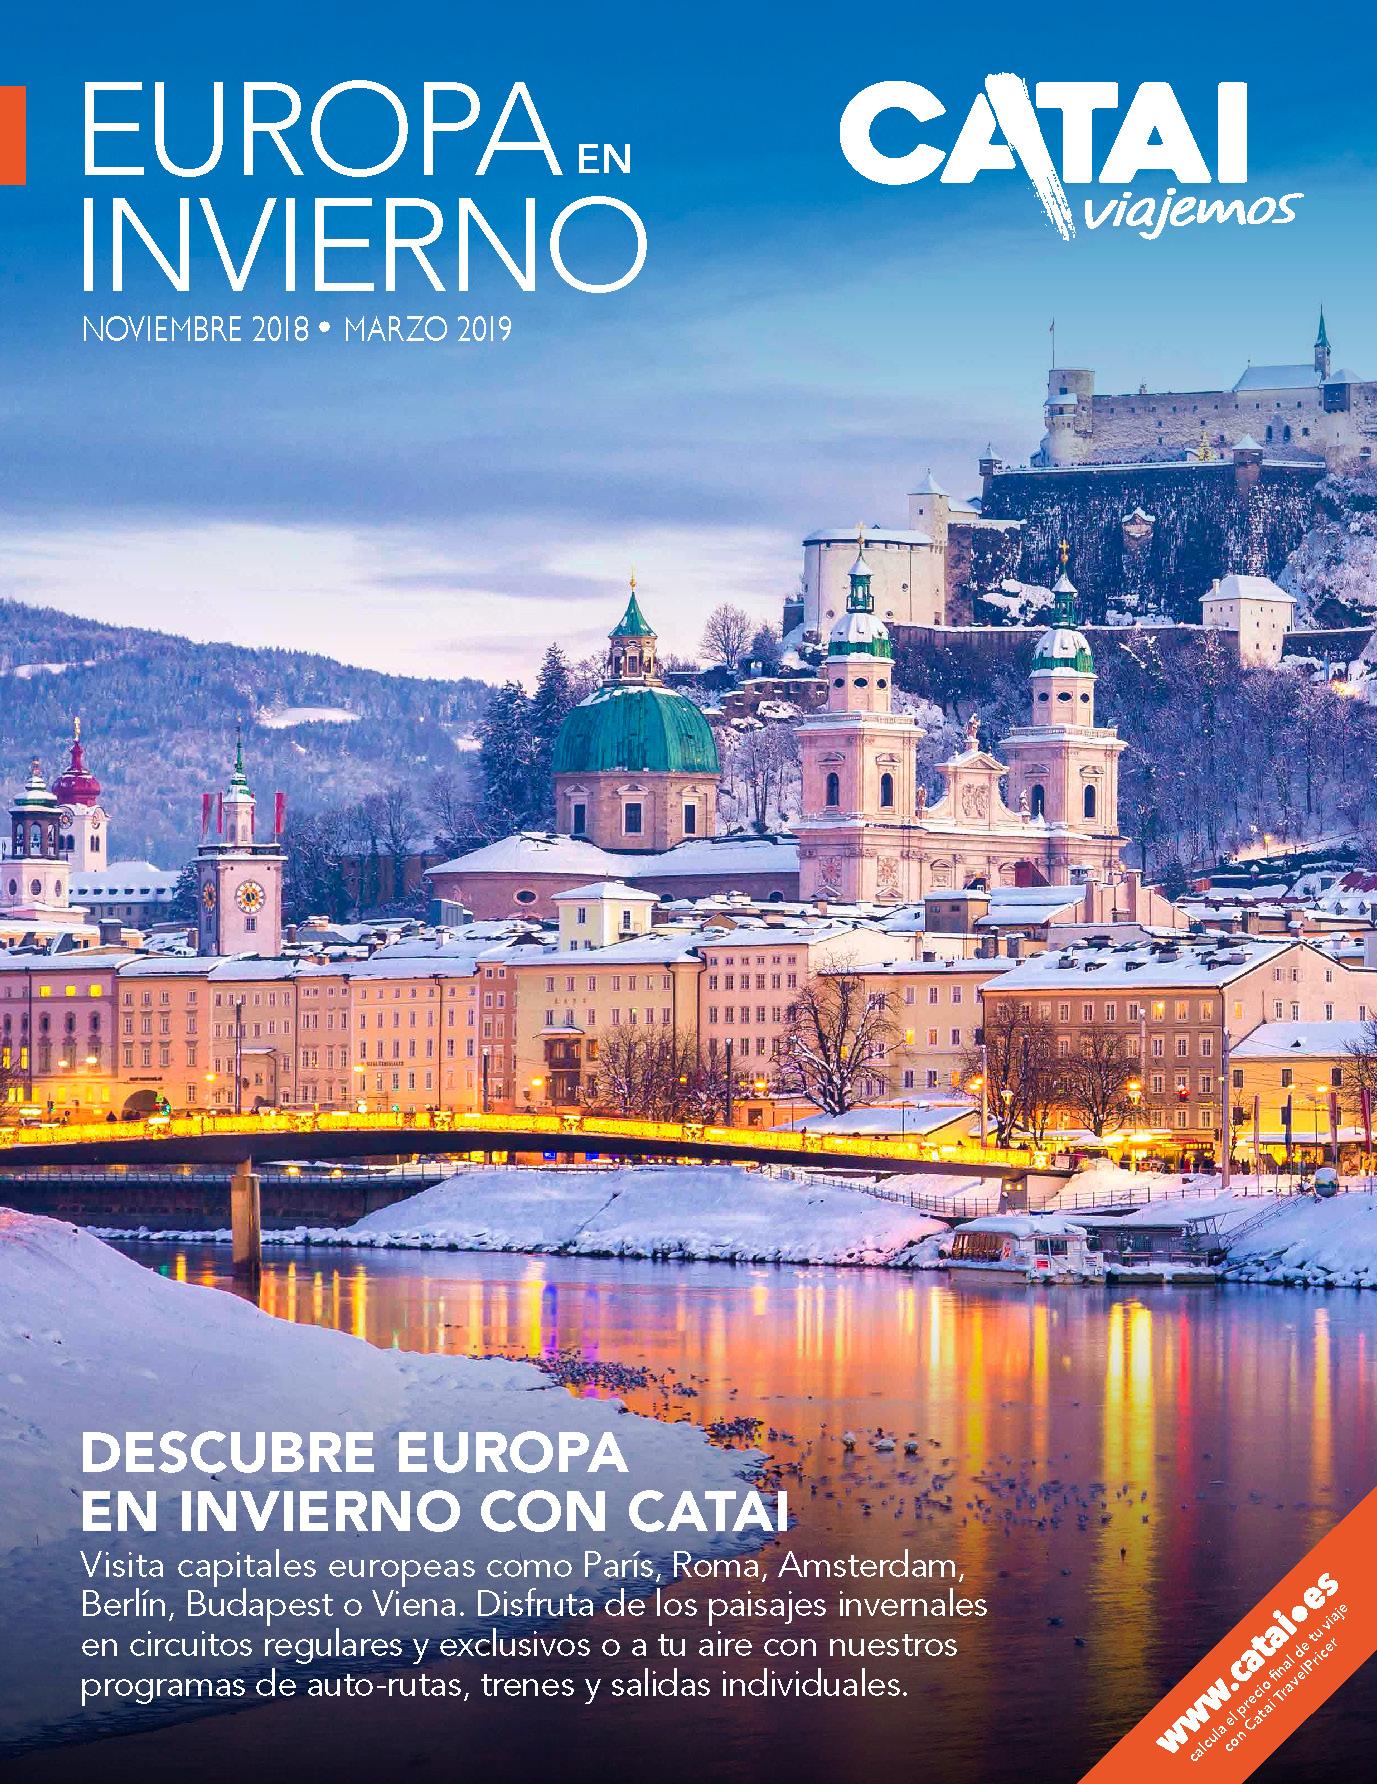 Catalogo Catai Europa en Invierno 2018-2019